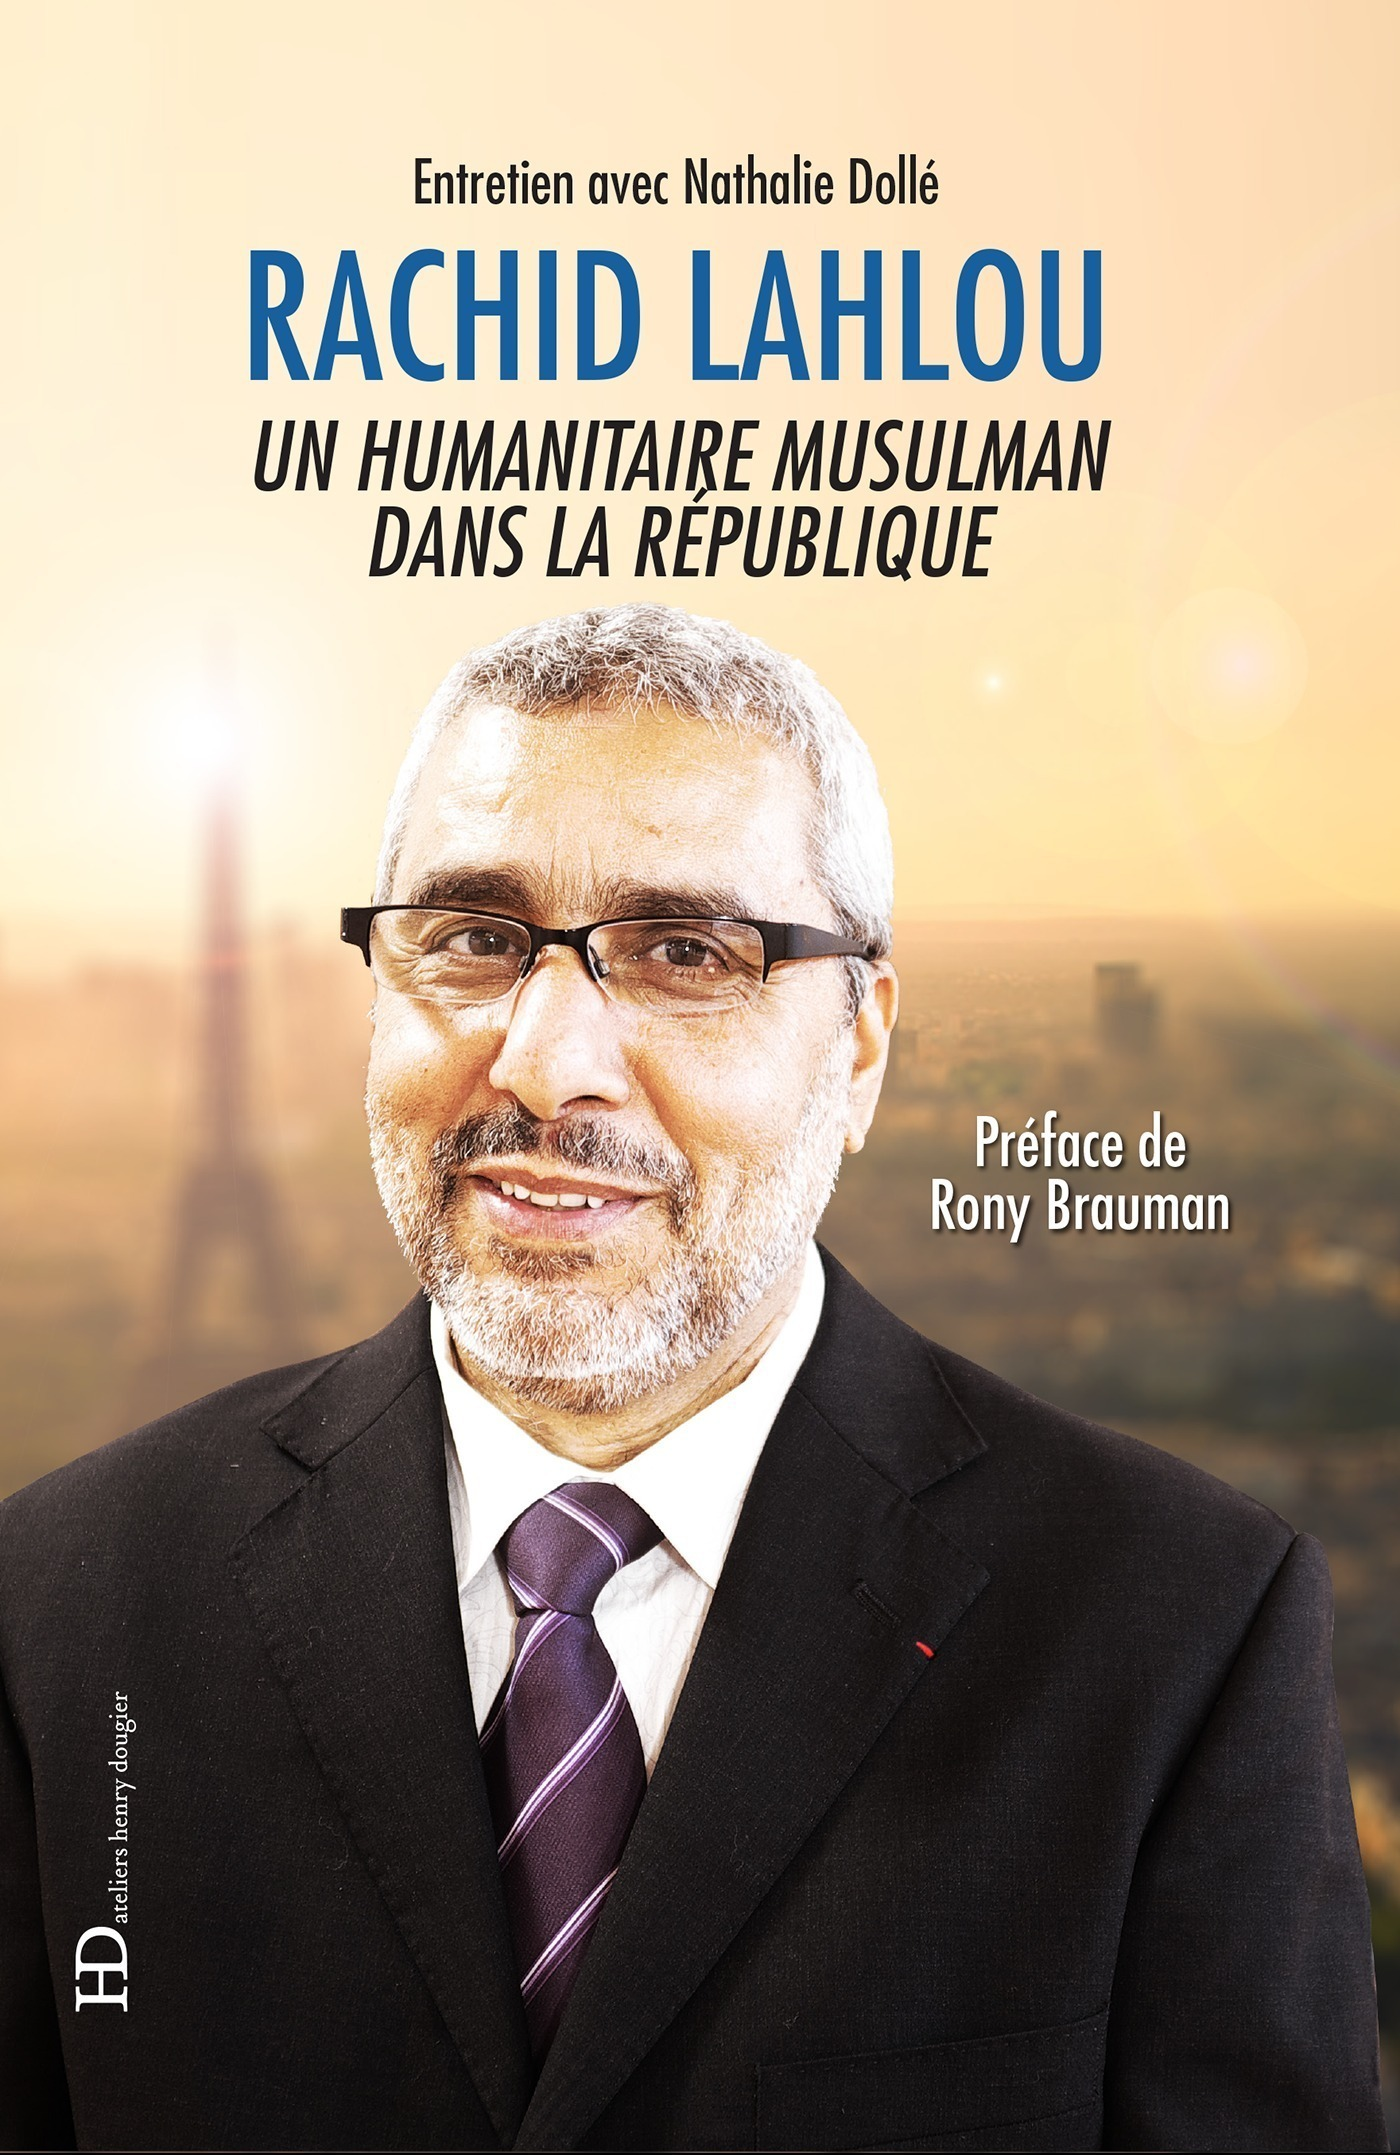 Rachid Lahlou, un humanitaire musulman dans la R?publique